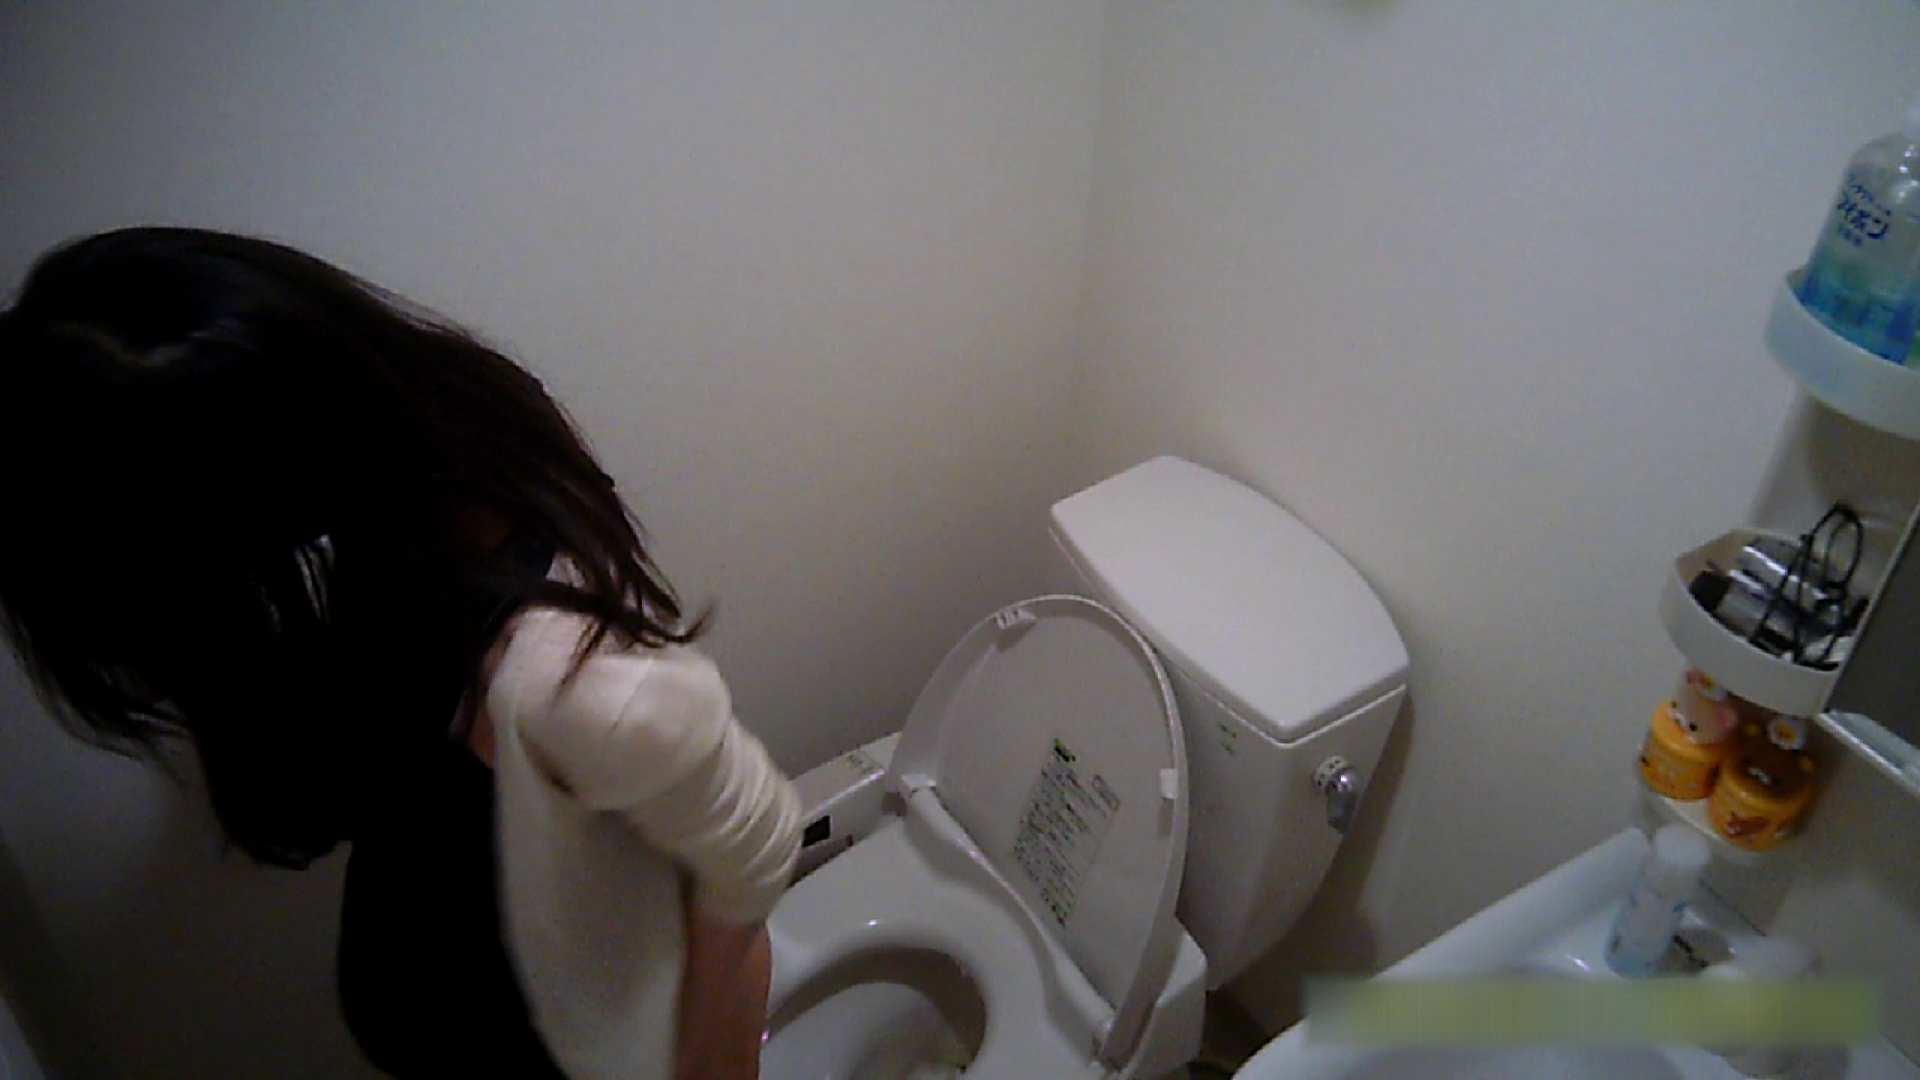 清楚な顔してかなり敏感なE子25歳(仮名)Vol.04 トイレ編 洗面所  62画像 20